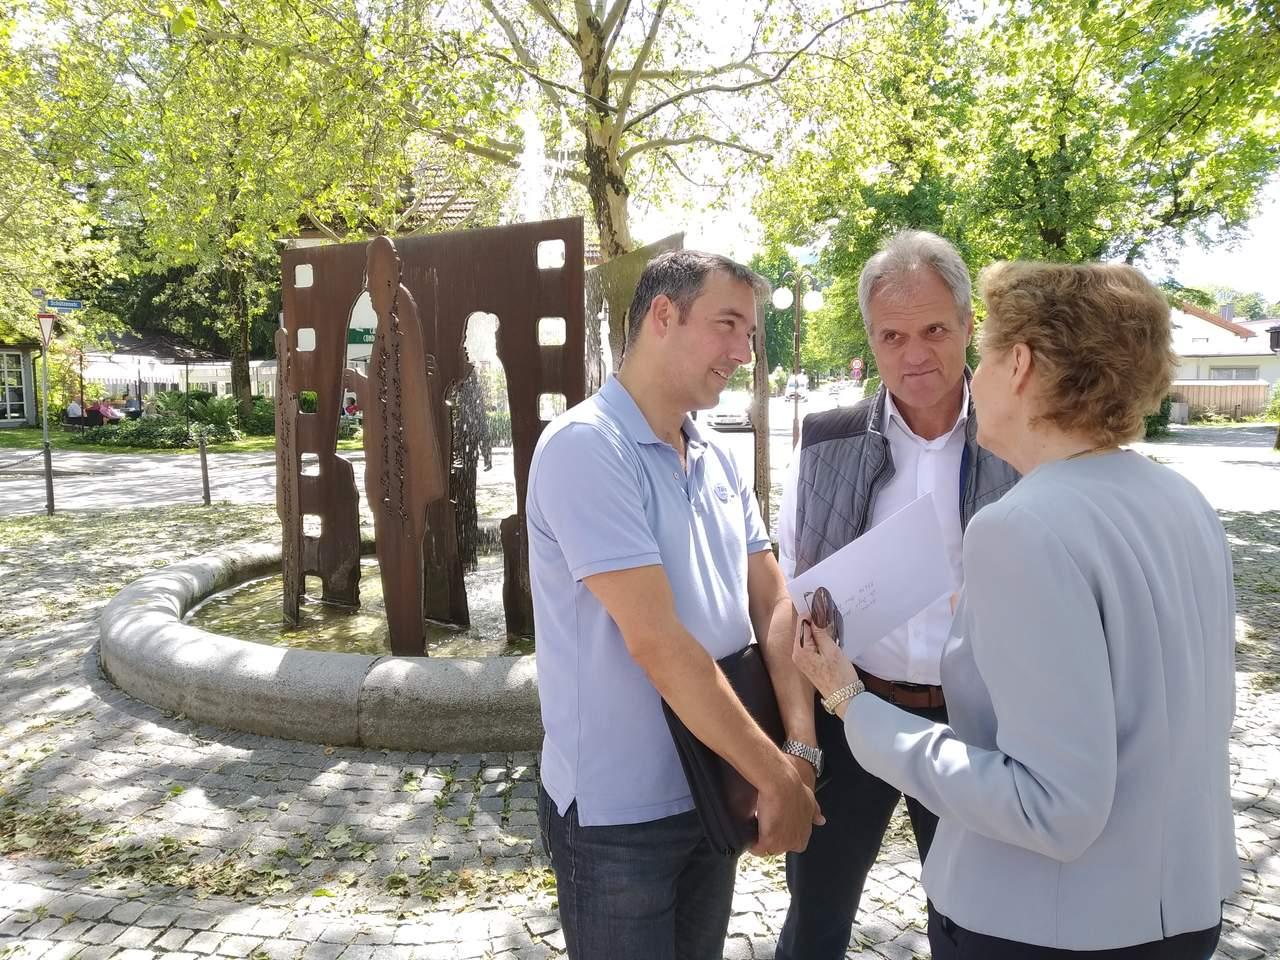 Ingo Mehner im Gespräch mit Wolfgang Armbruster und einer Anwohnerin der Ludwigstr.